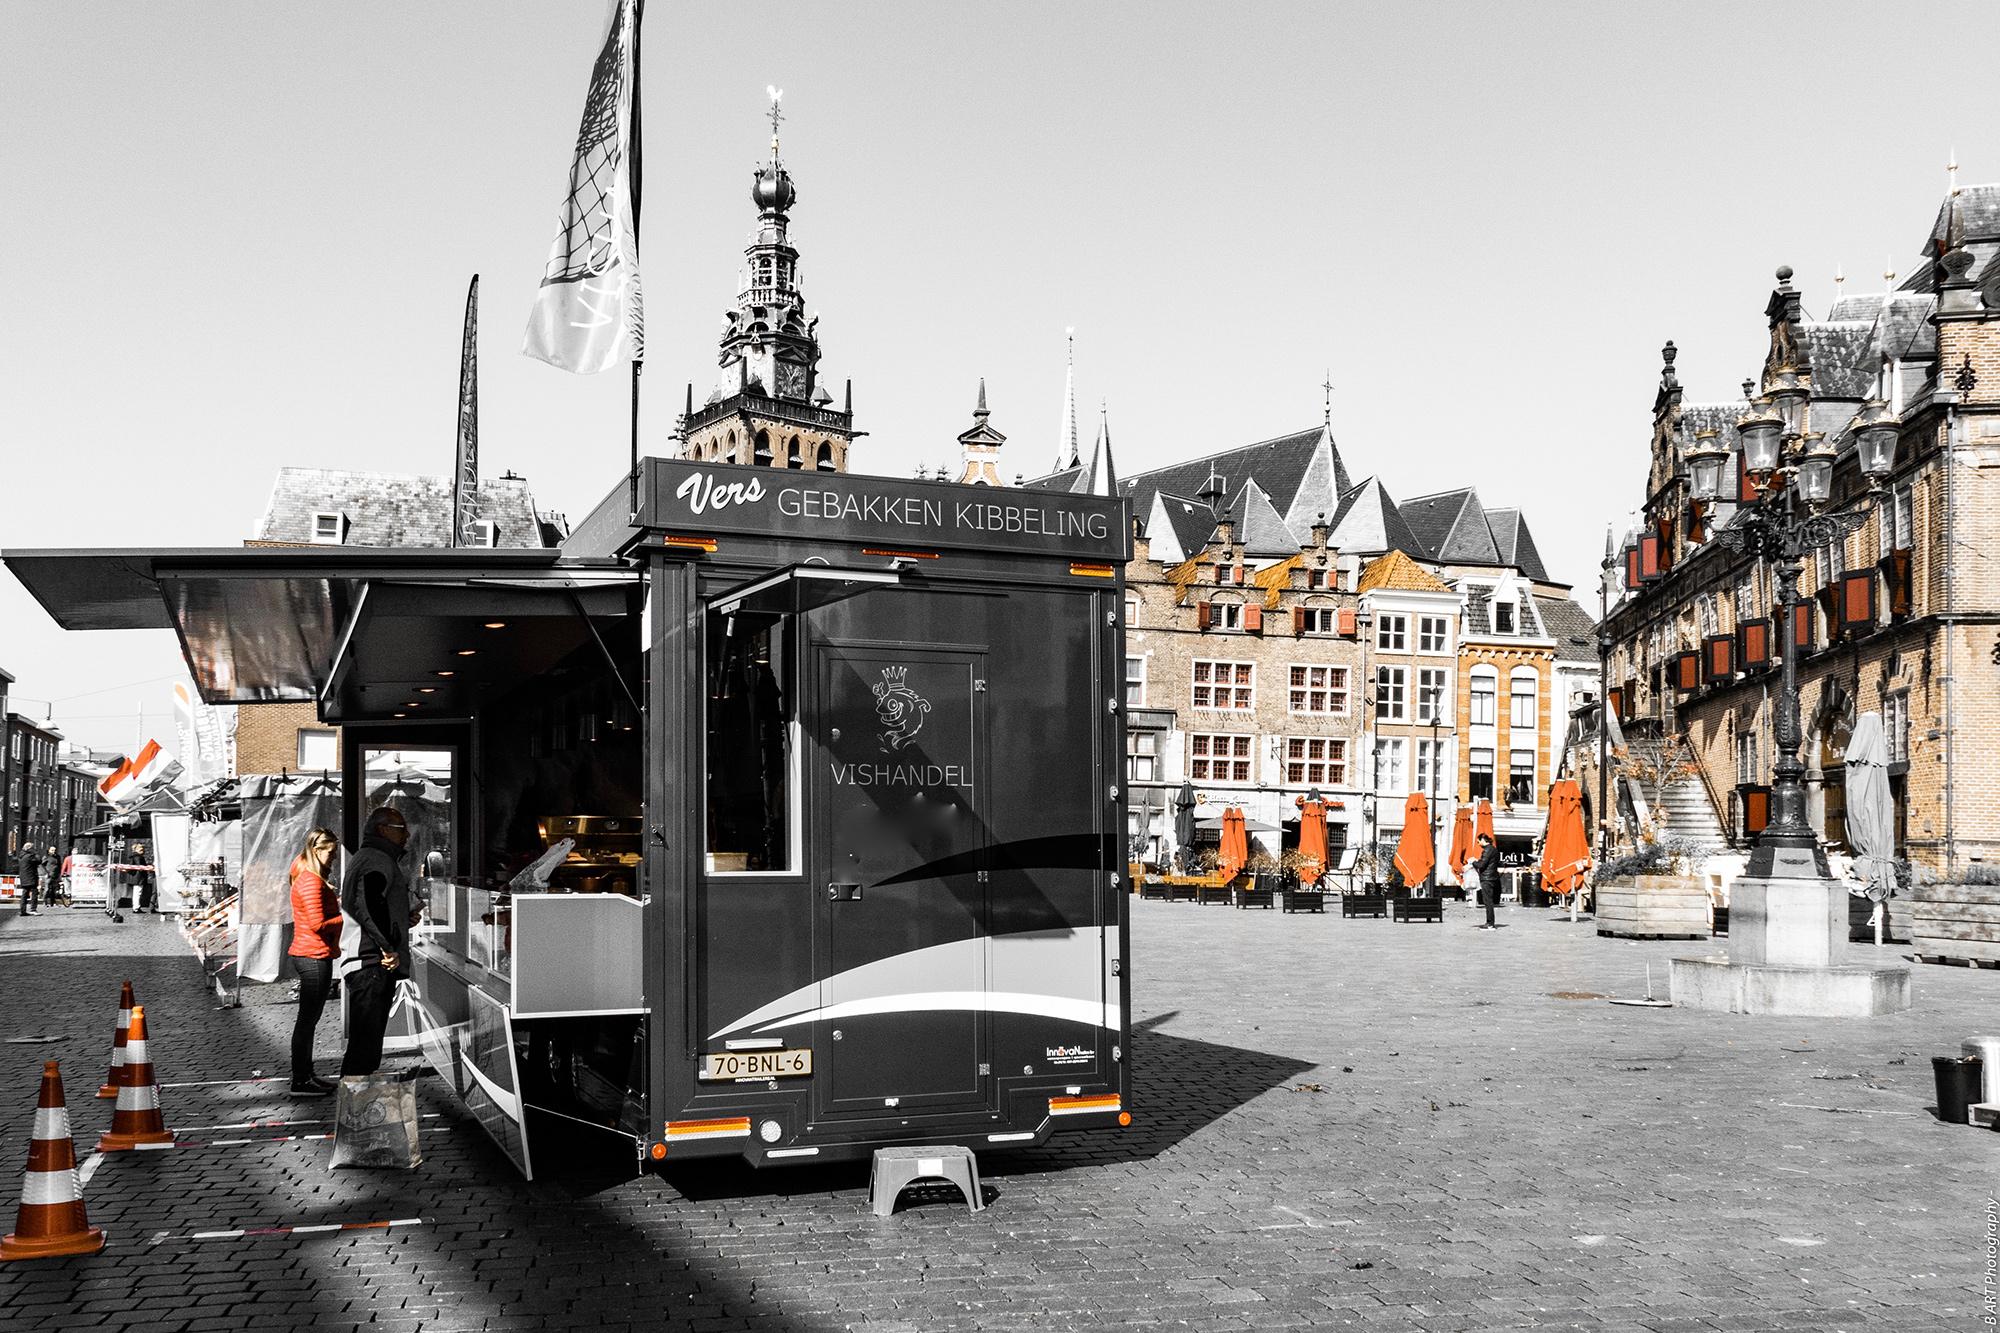 'Het is goed toeven in het centrum van Nijmegen, ook nu!'